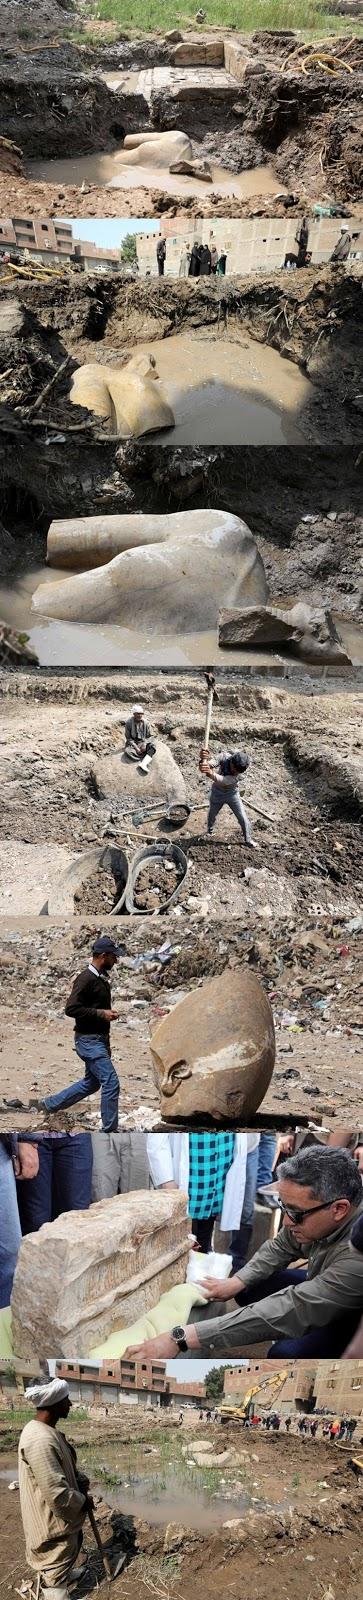 Patung-patung itu ditemukan para arkeolog yang tergabung dalam misi arkeologi Jerman dan Mesir